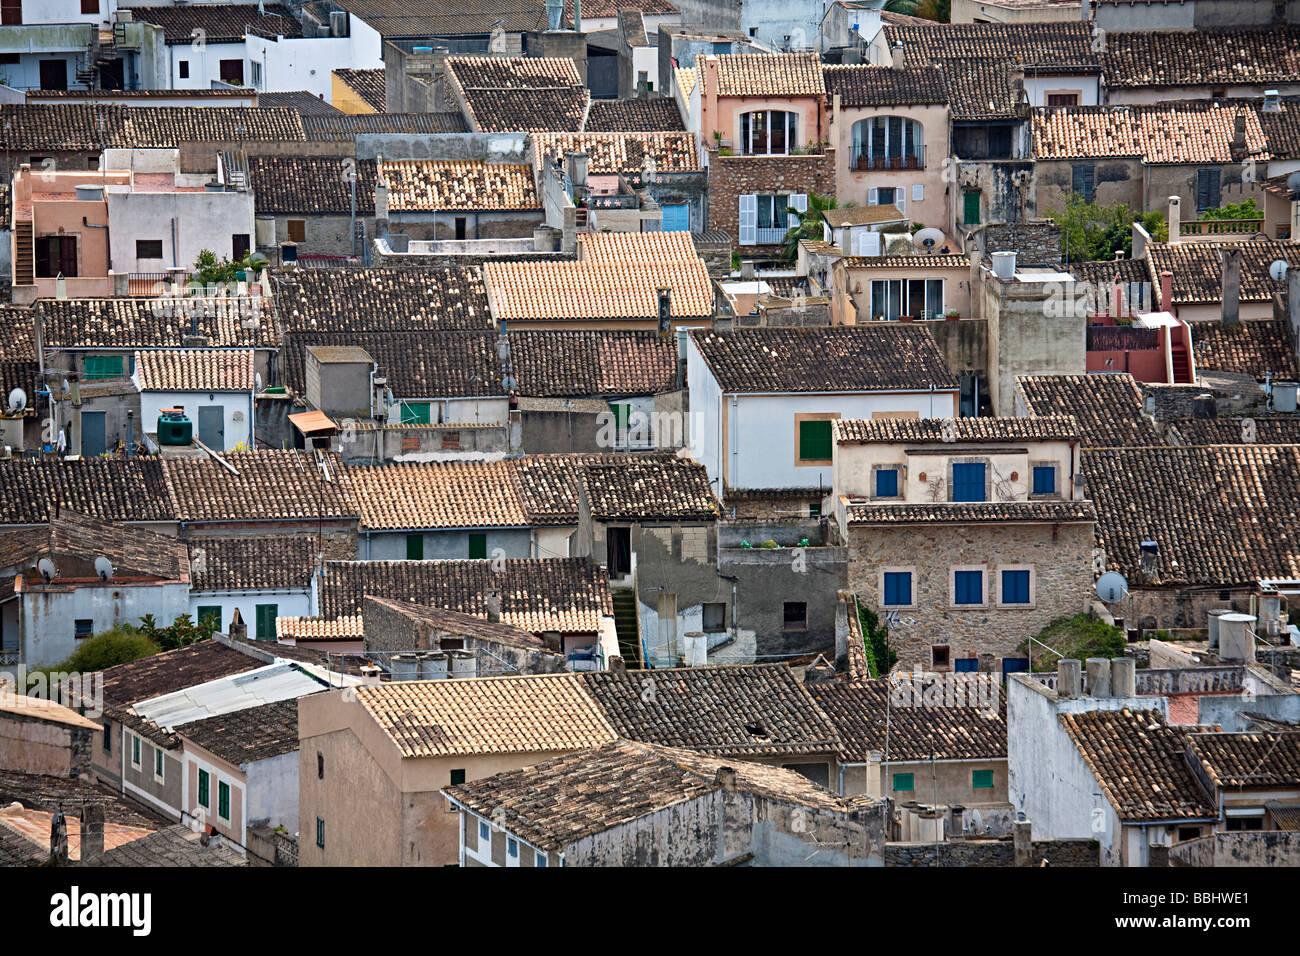 Rooftops Arta Mallorca Spain - Stock Image